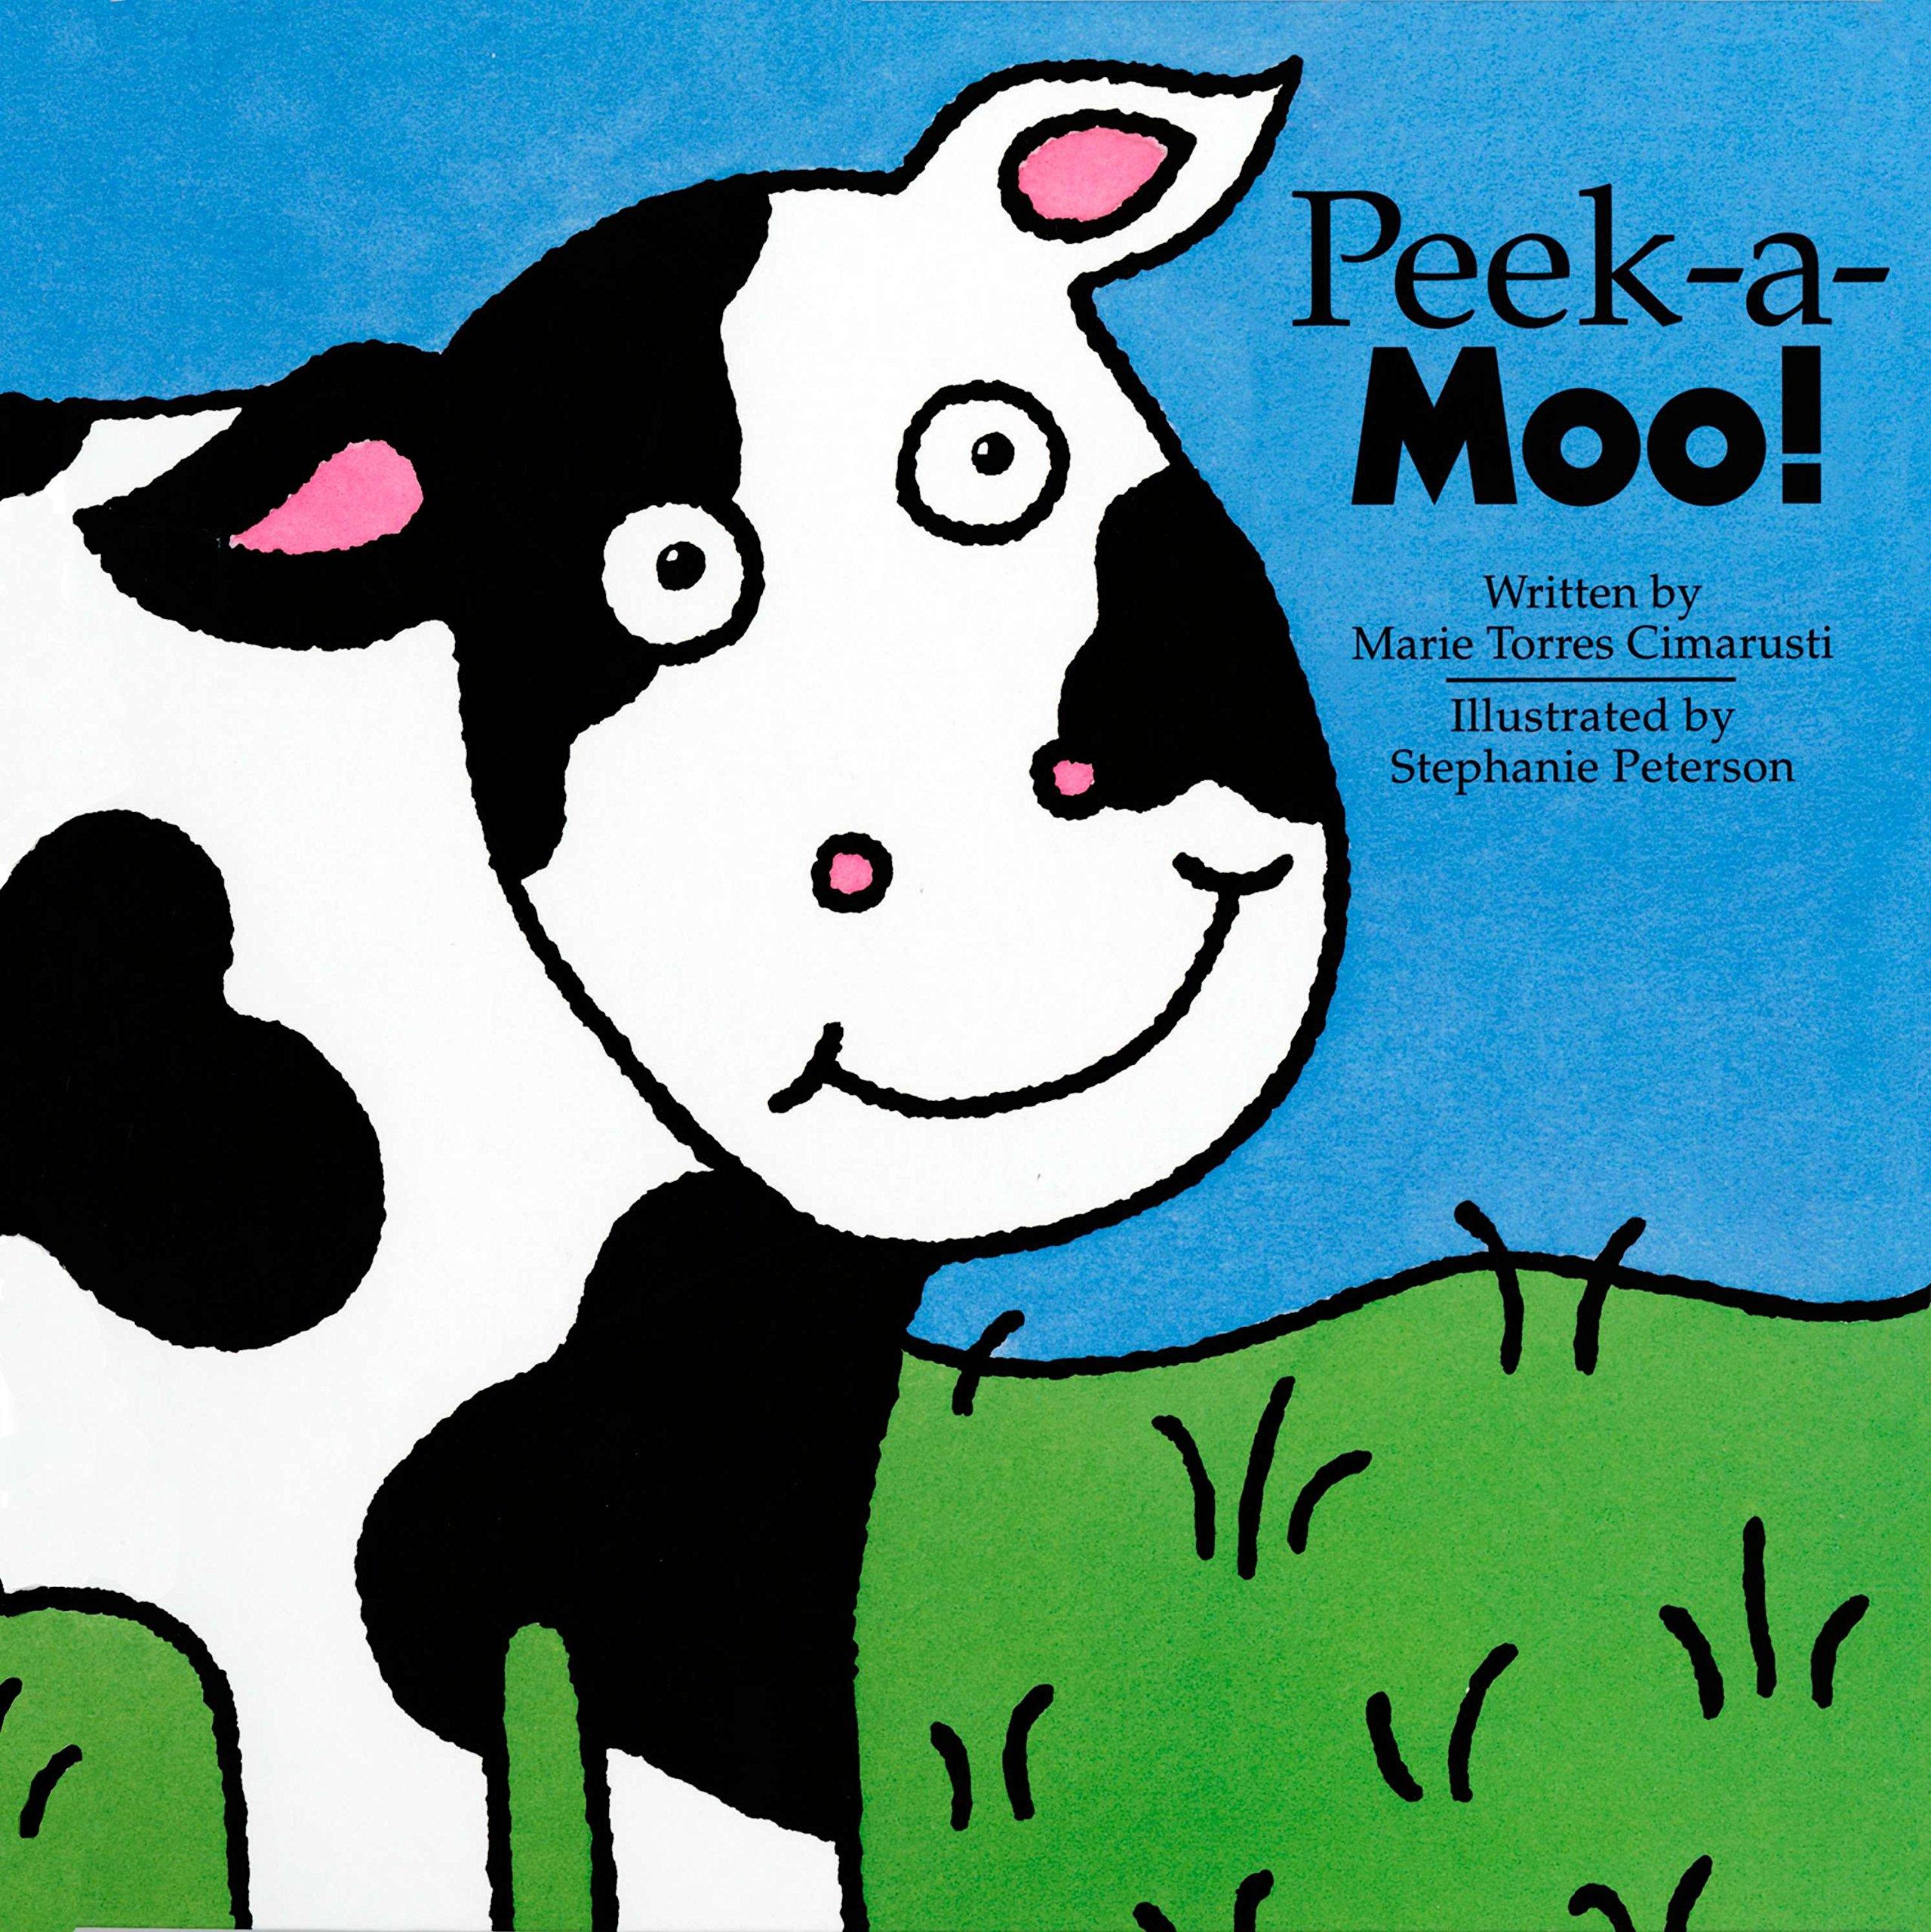 Peek-a-Moo! by Dutton Juvenile